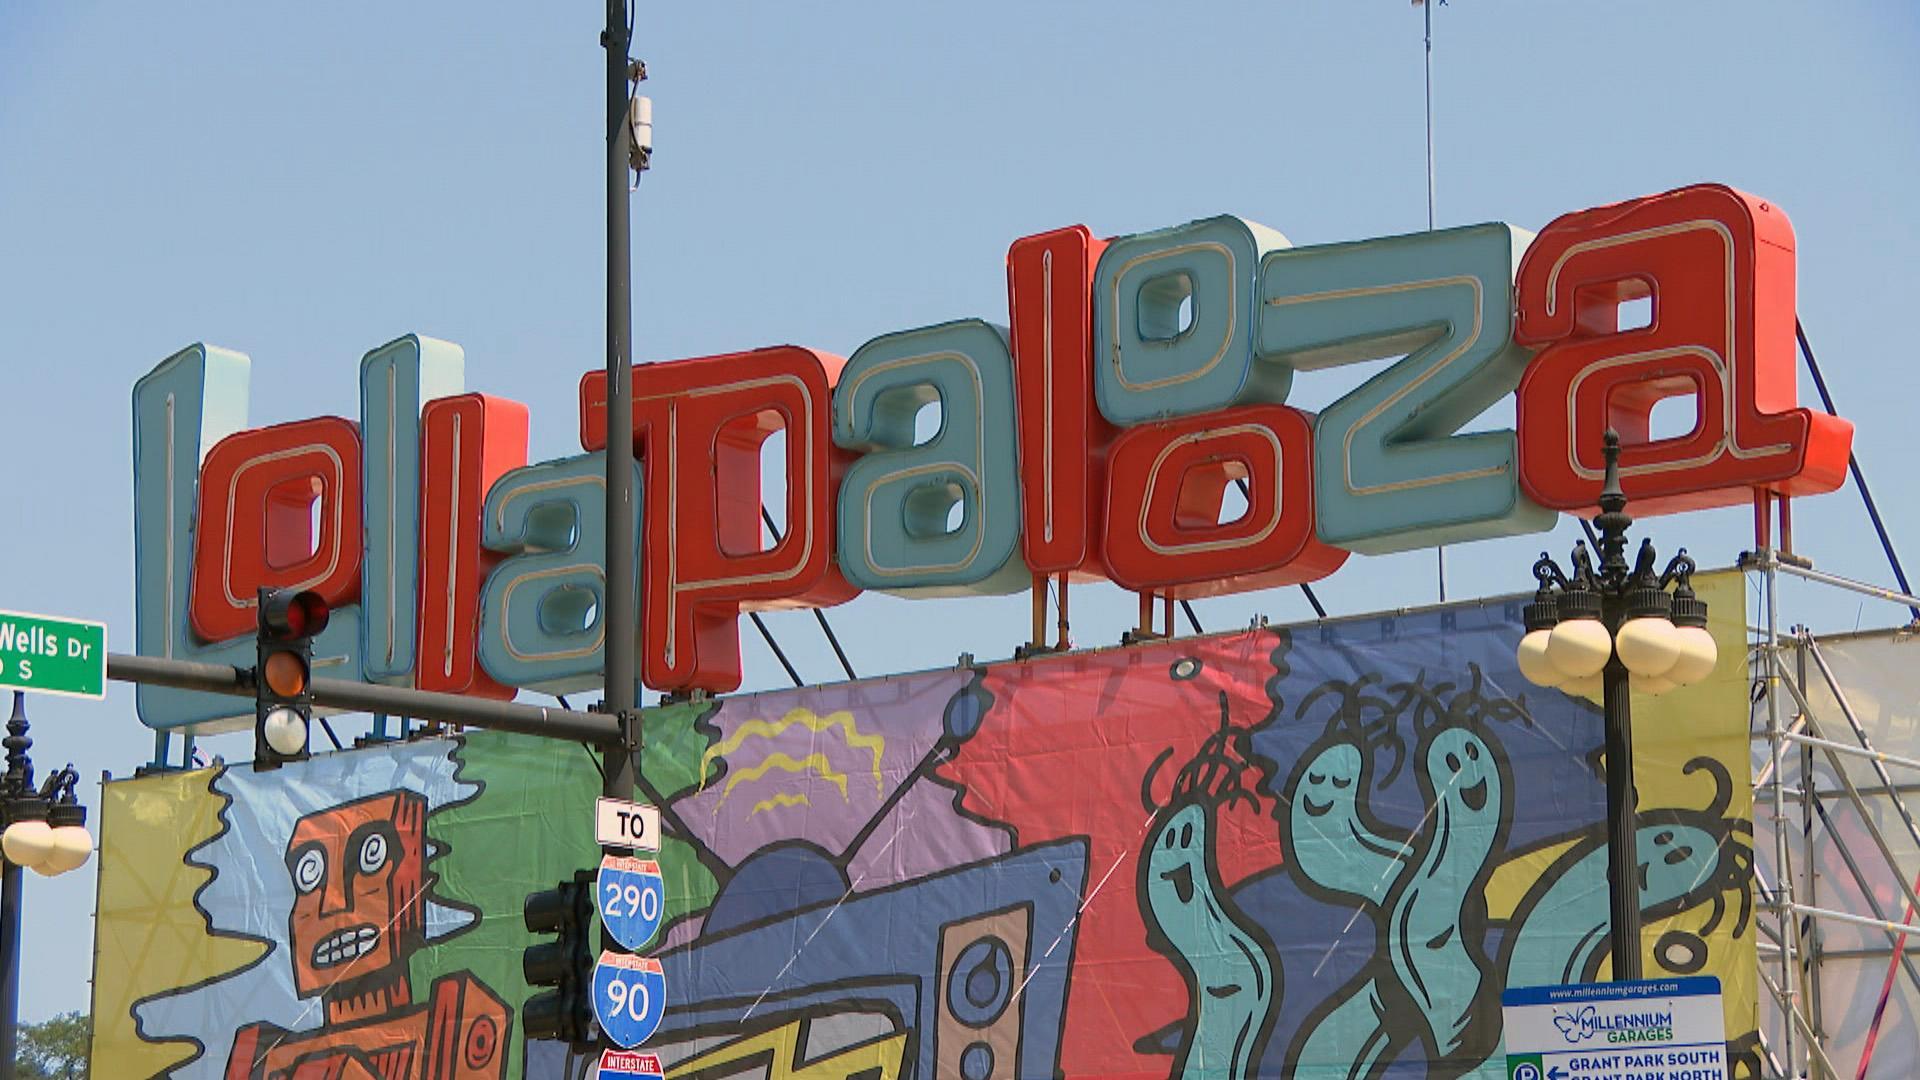 Lollapalooza regresará a Chicago a plena capacidad del 29 de julio al 1 de agosto de 2021. (WTTW News)